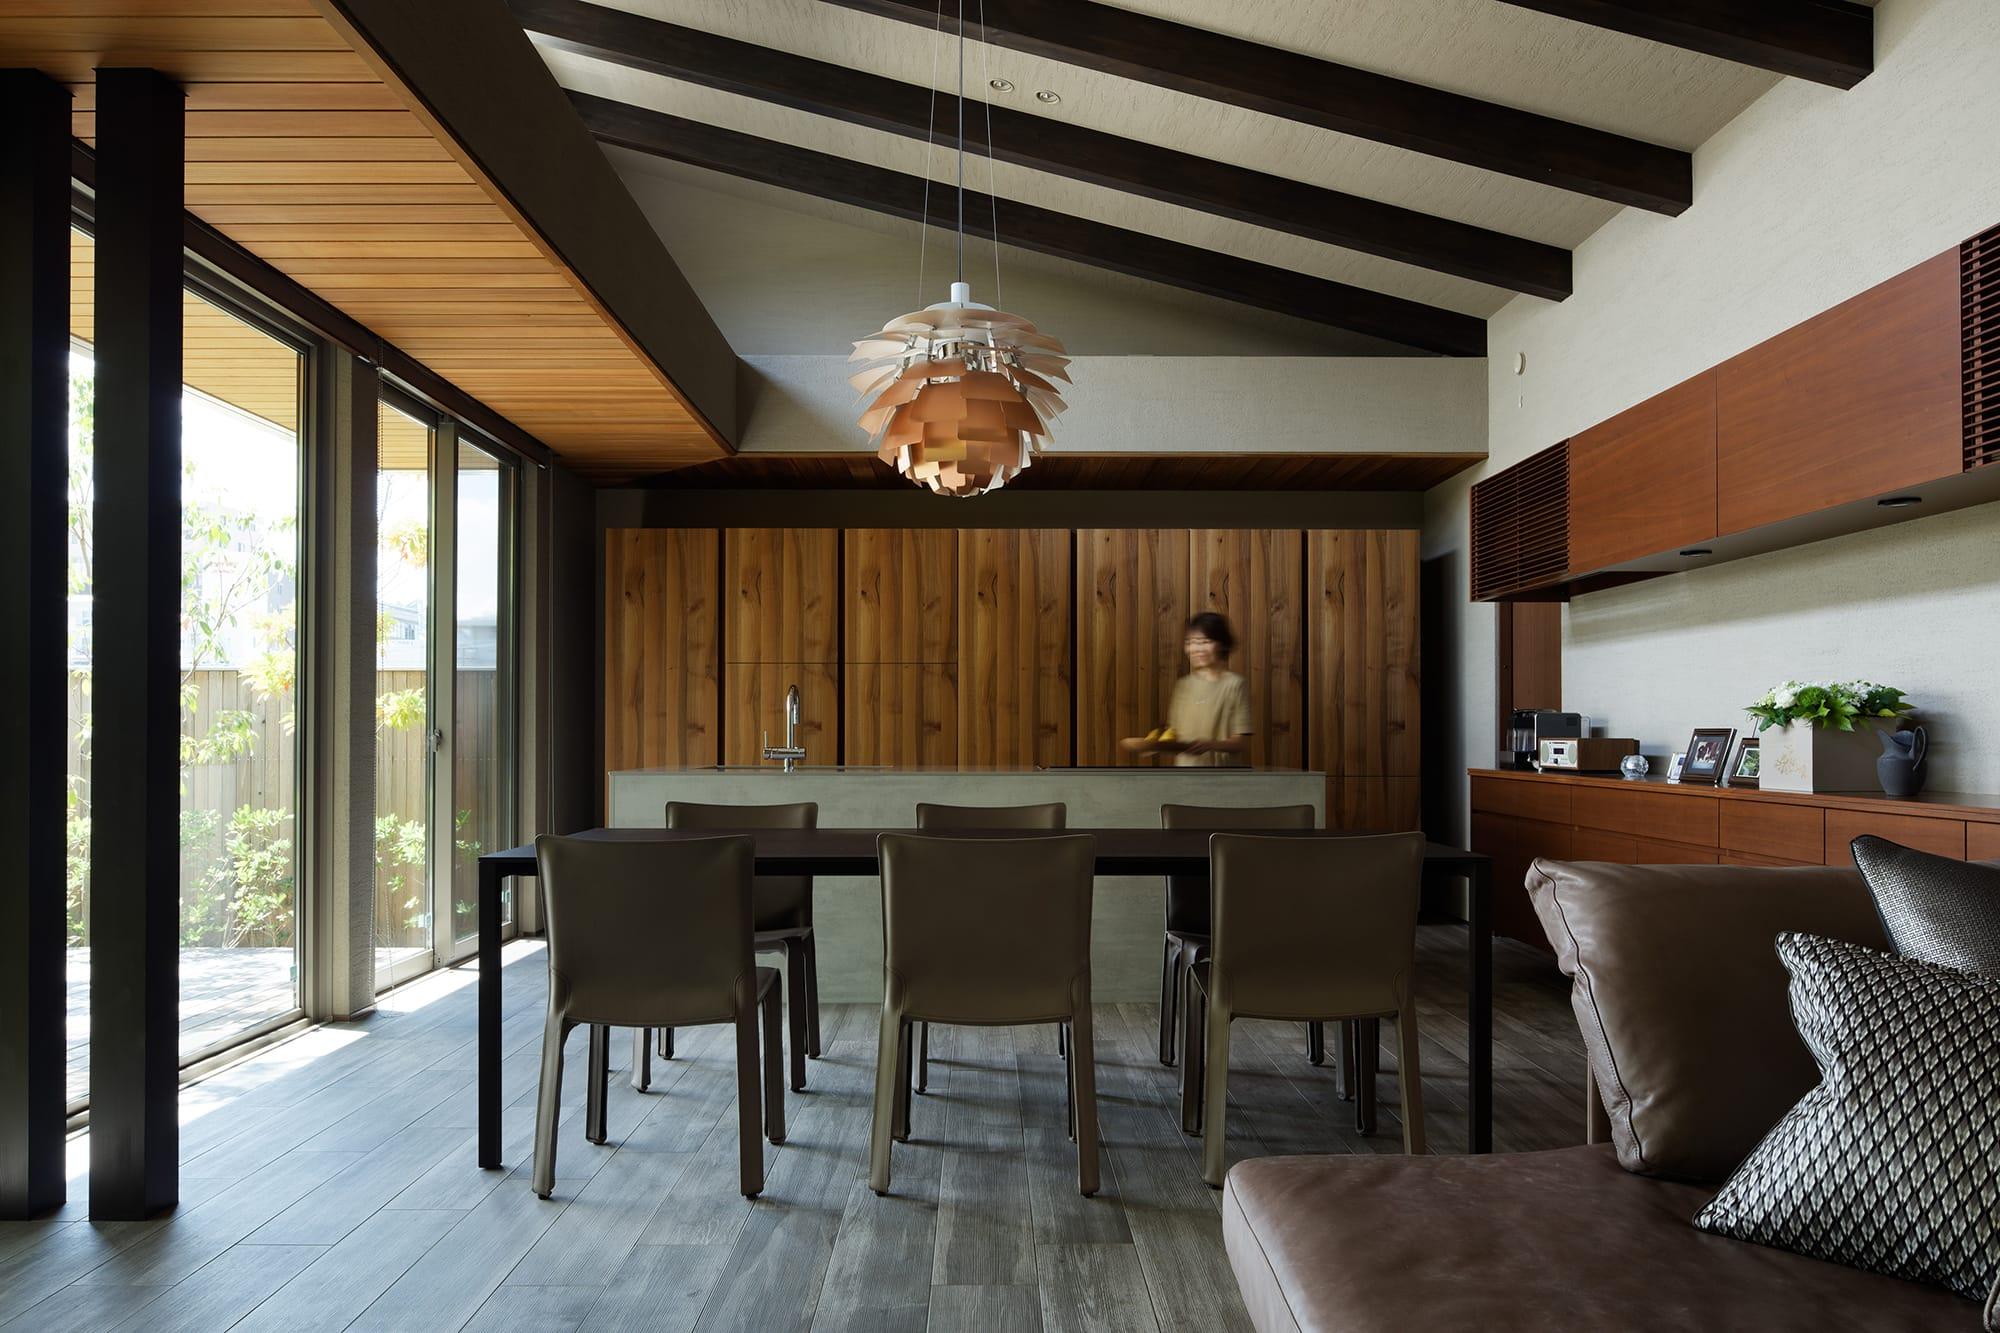 壁面キャビネットのウォルナット材に合わせてテーブルとチェアをセレクト。天板が薄い線の細いカッシーナの「ナーン」のテーブルがキッチンの直線のデザインを邪魔しない。 キッチン製作=ユーロモビル大阪/住宅=積水ハウス Photography by Ken Shirotani